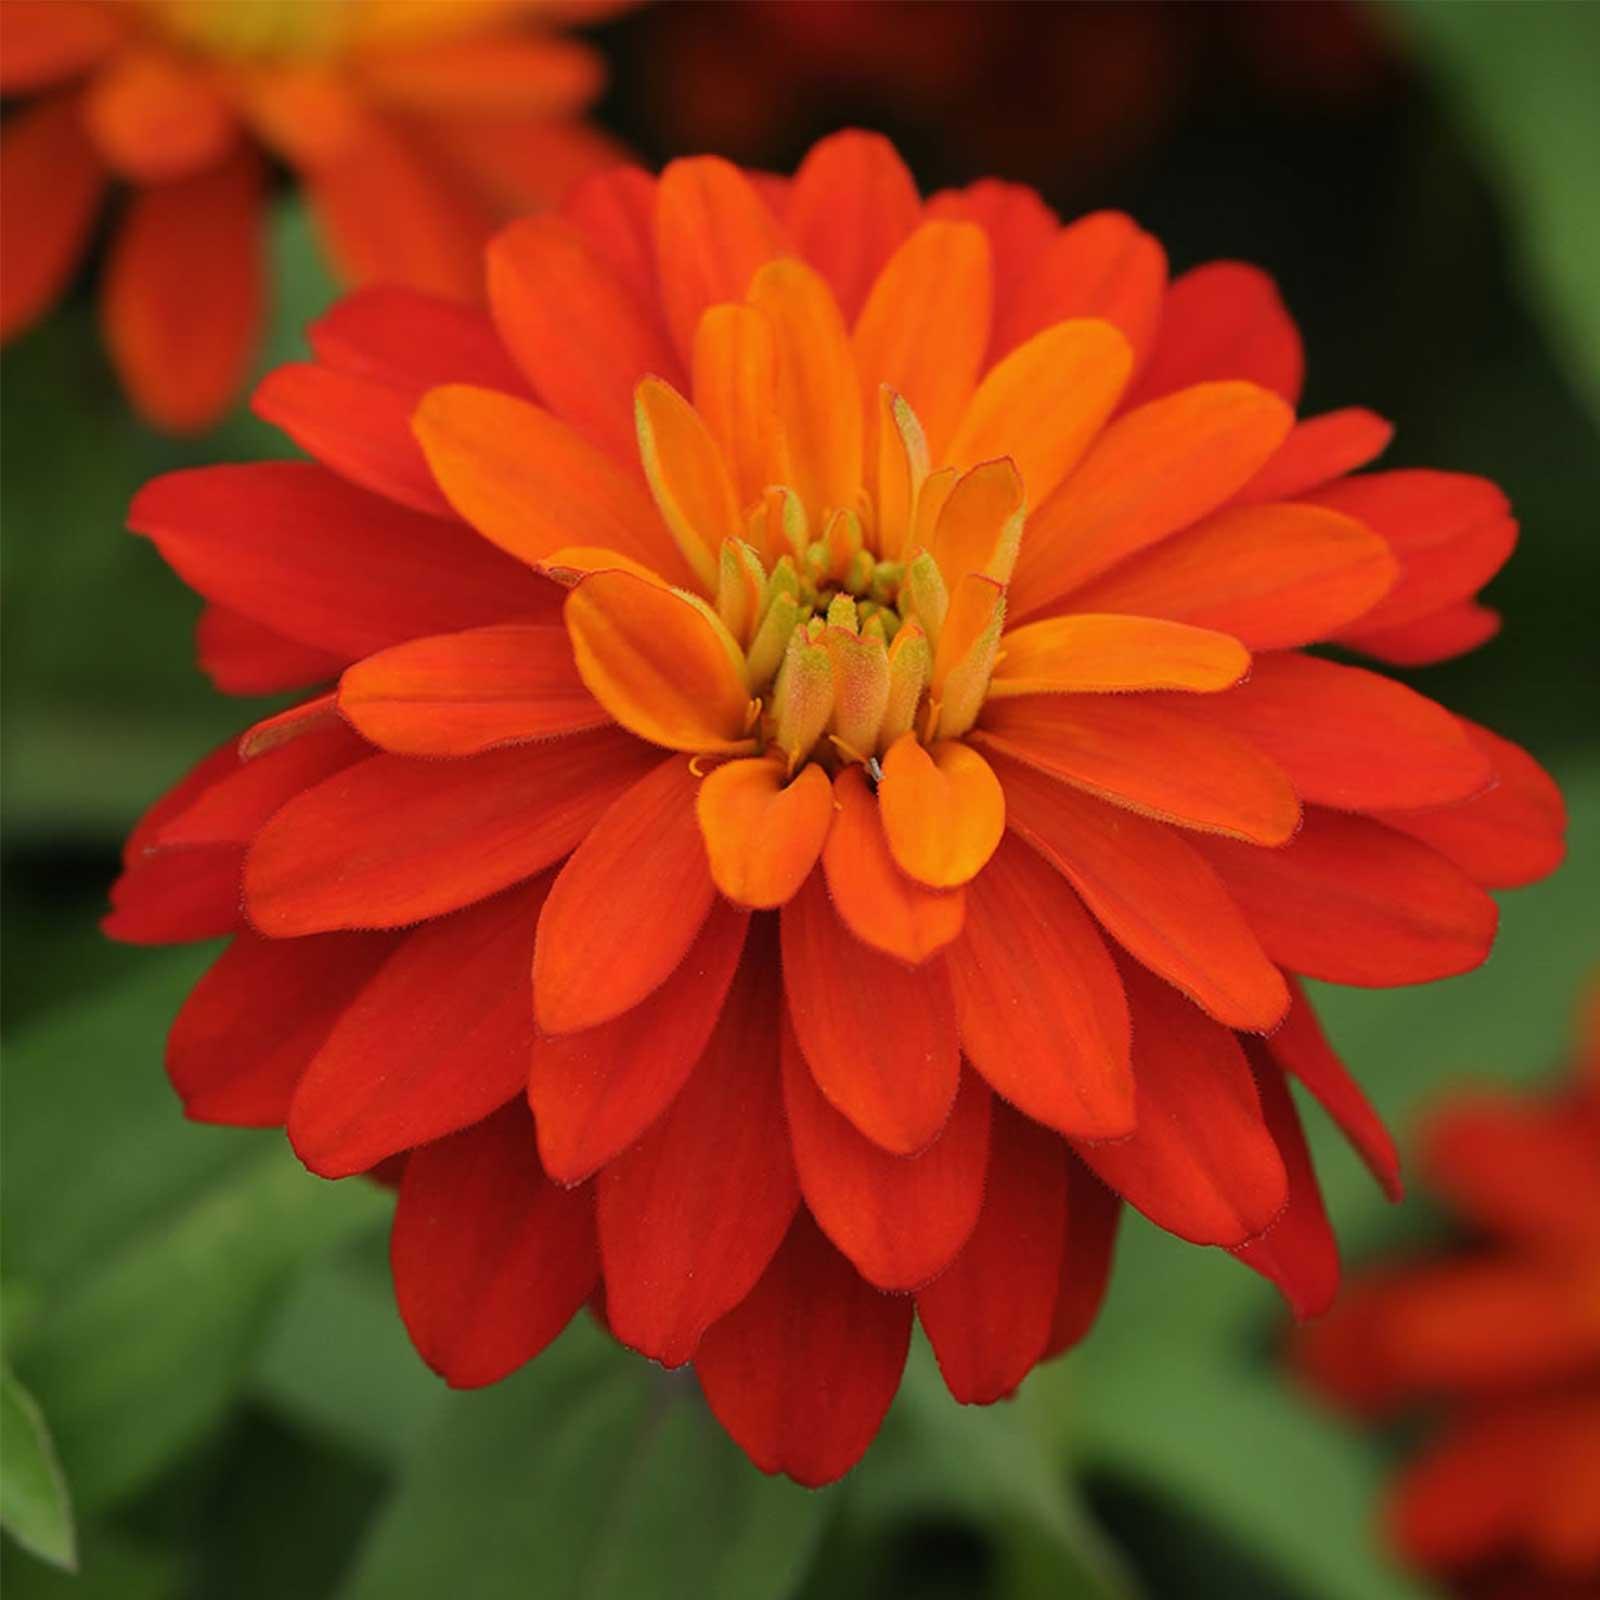 Zinnia Flower Garden Seeds – Zahara Series – Double Fire – 100 Seeds ...